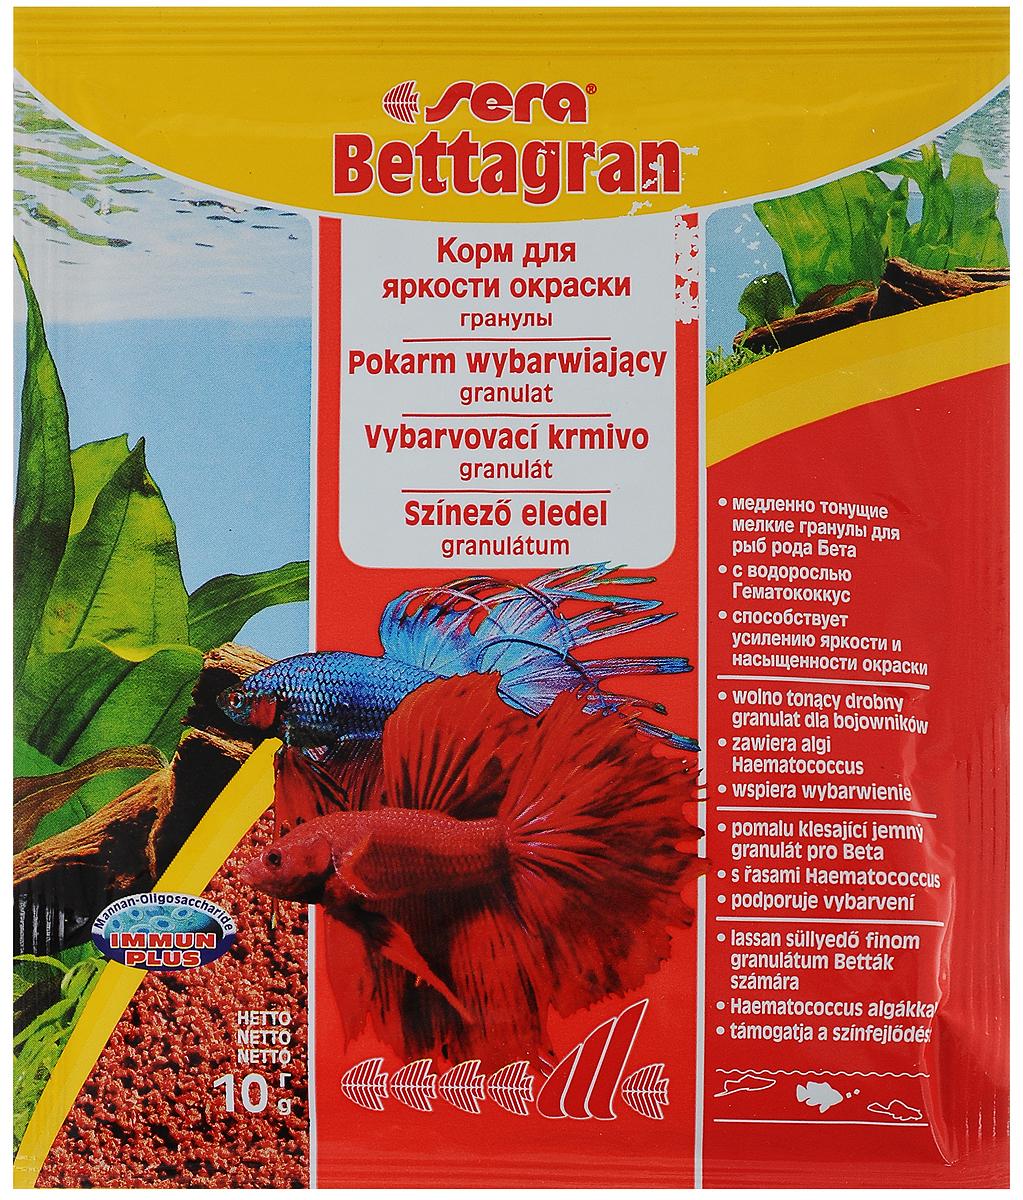 Корм для рыб Sera Bettagran, 10 г0120710Корм Sera Bettagran предназначен для усиления яркости окраски рыб рода Betta, а также всех видов рыб, кормящихся в средних слоях воды. Высококачественные ингредиенты корма, такие как водоросль Гематококкус, усиливают яркость и насыщенность окраски рыб естественным путем. Медленно тонущие гранулы, надолго сохраняют свою форму в воде, не загрязняя ее.Товар сертифицирован.